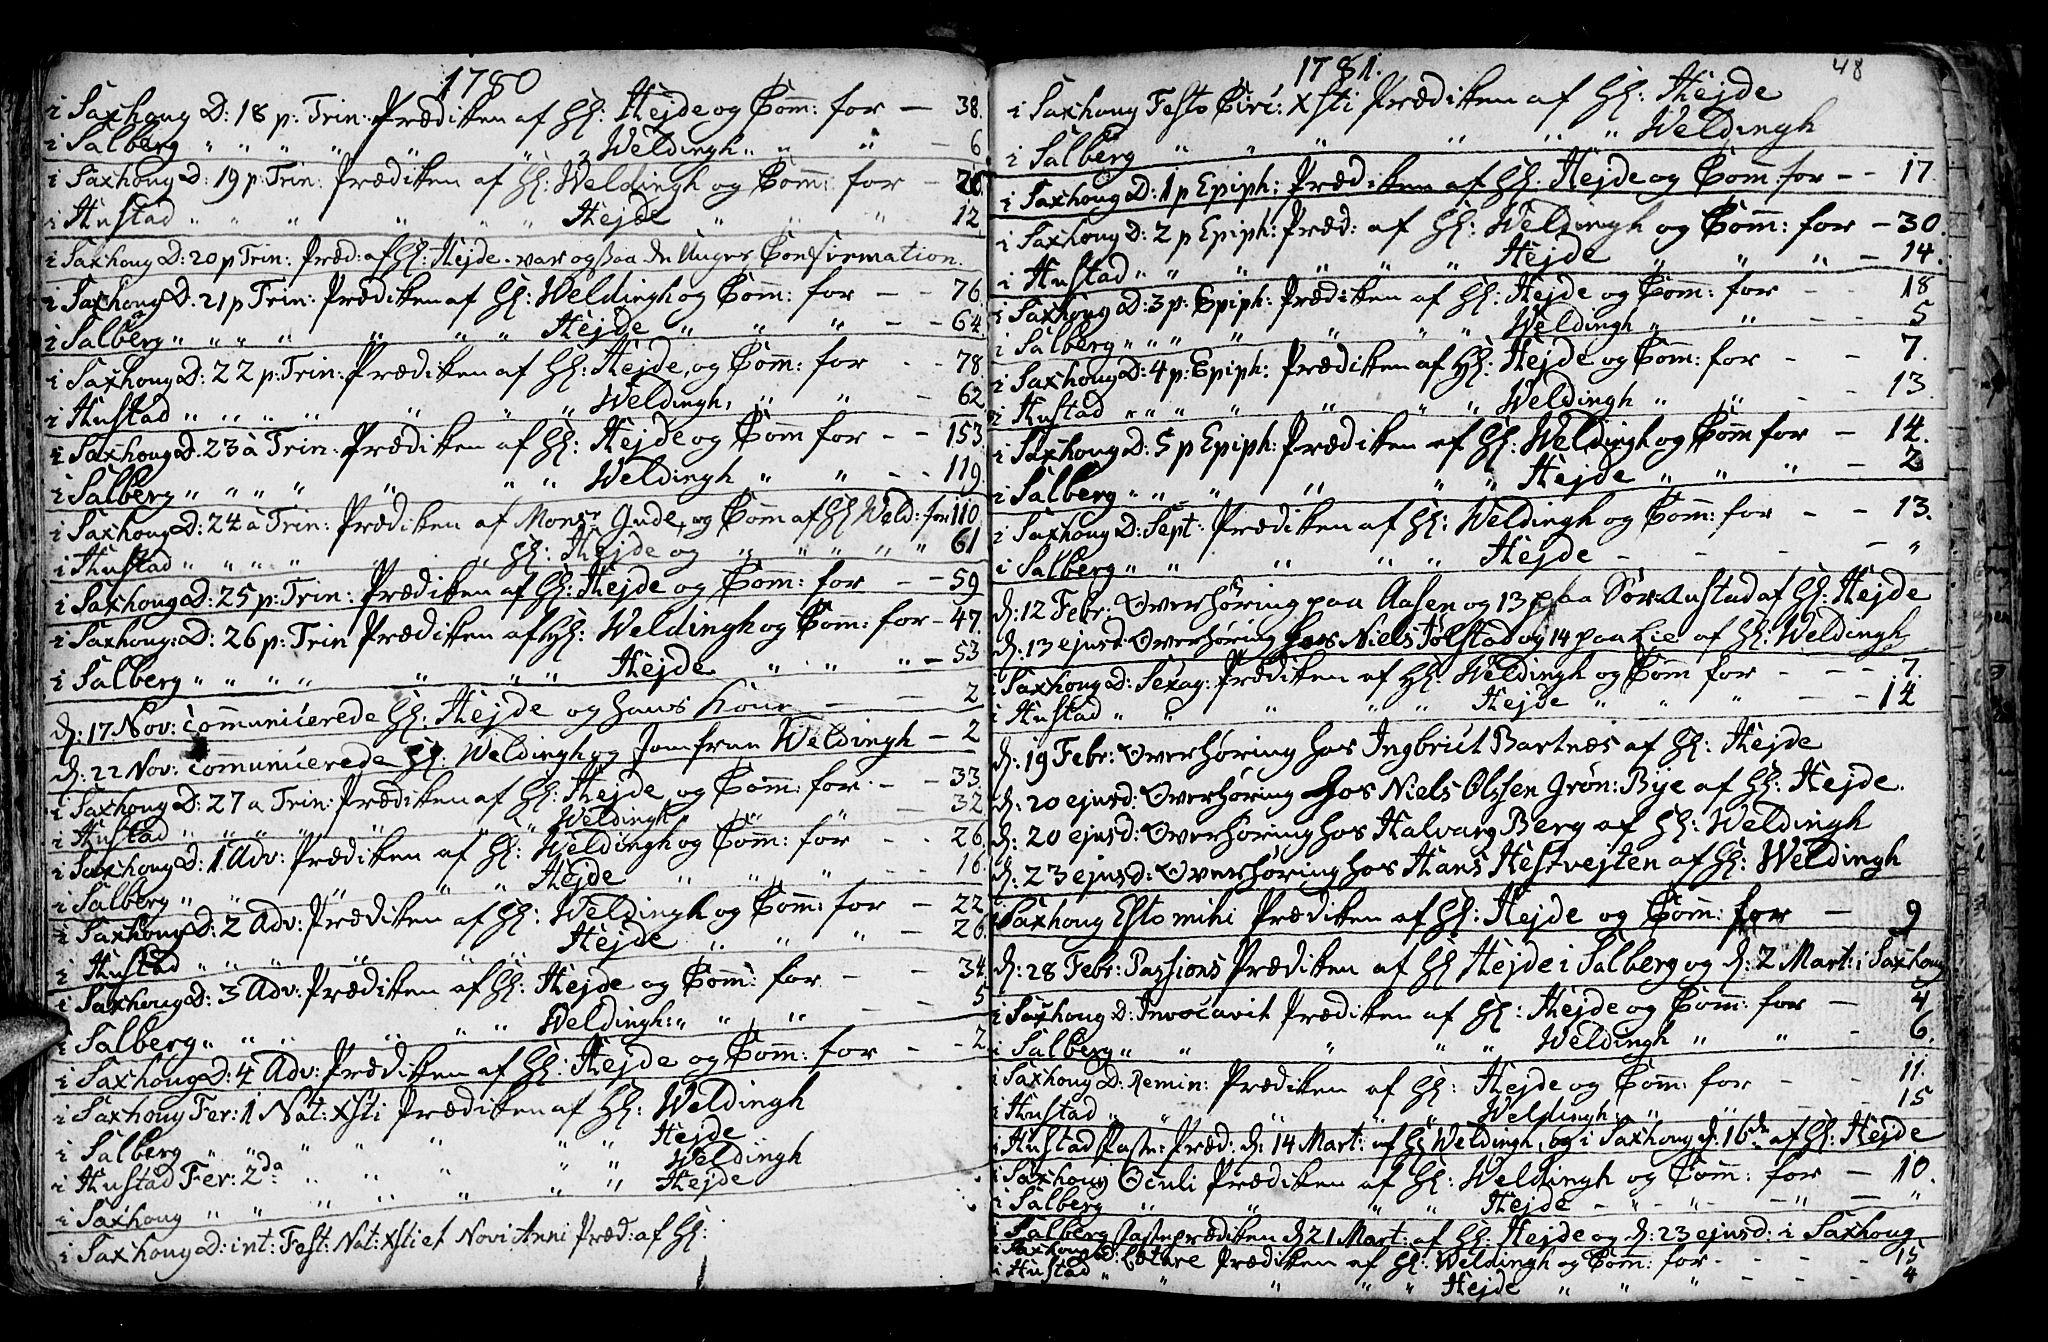 SAT, Ministerialprotokoller, klokkerbøker og fødselsregistre - Nord-Trøndelag, 730/L0273: Ministerialbok nr. 730A02, 1762-1802, s. 48